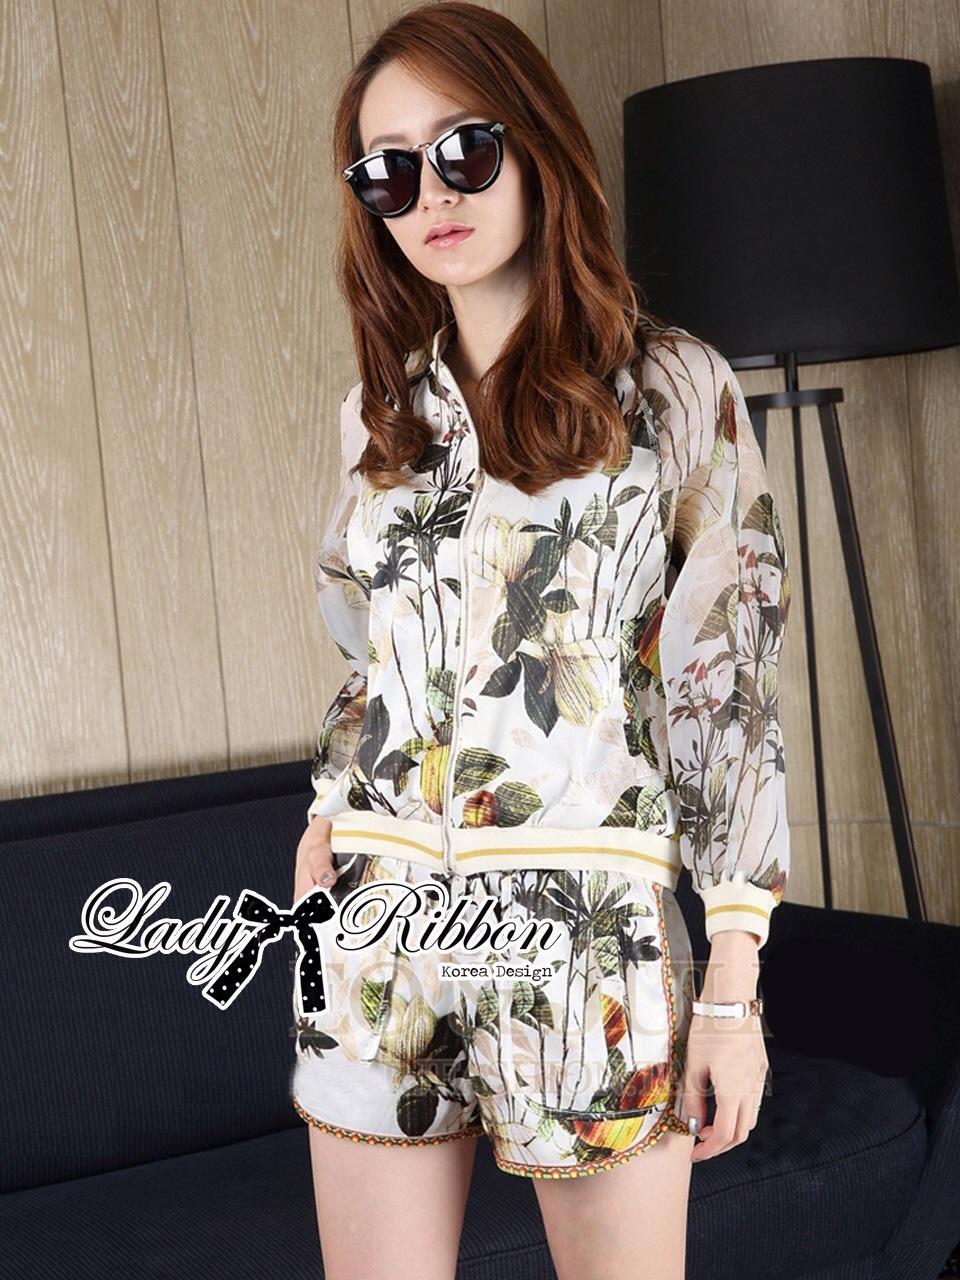 Lady Ribbon Set เซ็ตเสื้อแจ๊คเก็ต กางเกงขาสั้นพิมพ์ลายดอกไม้